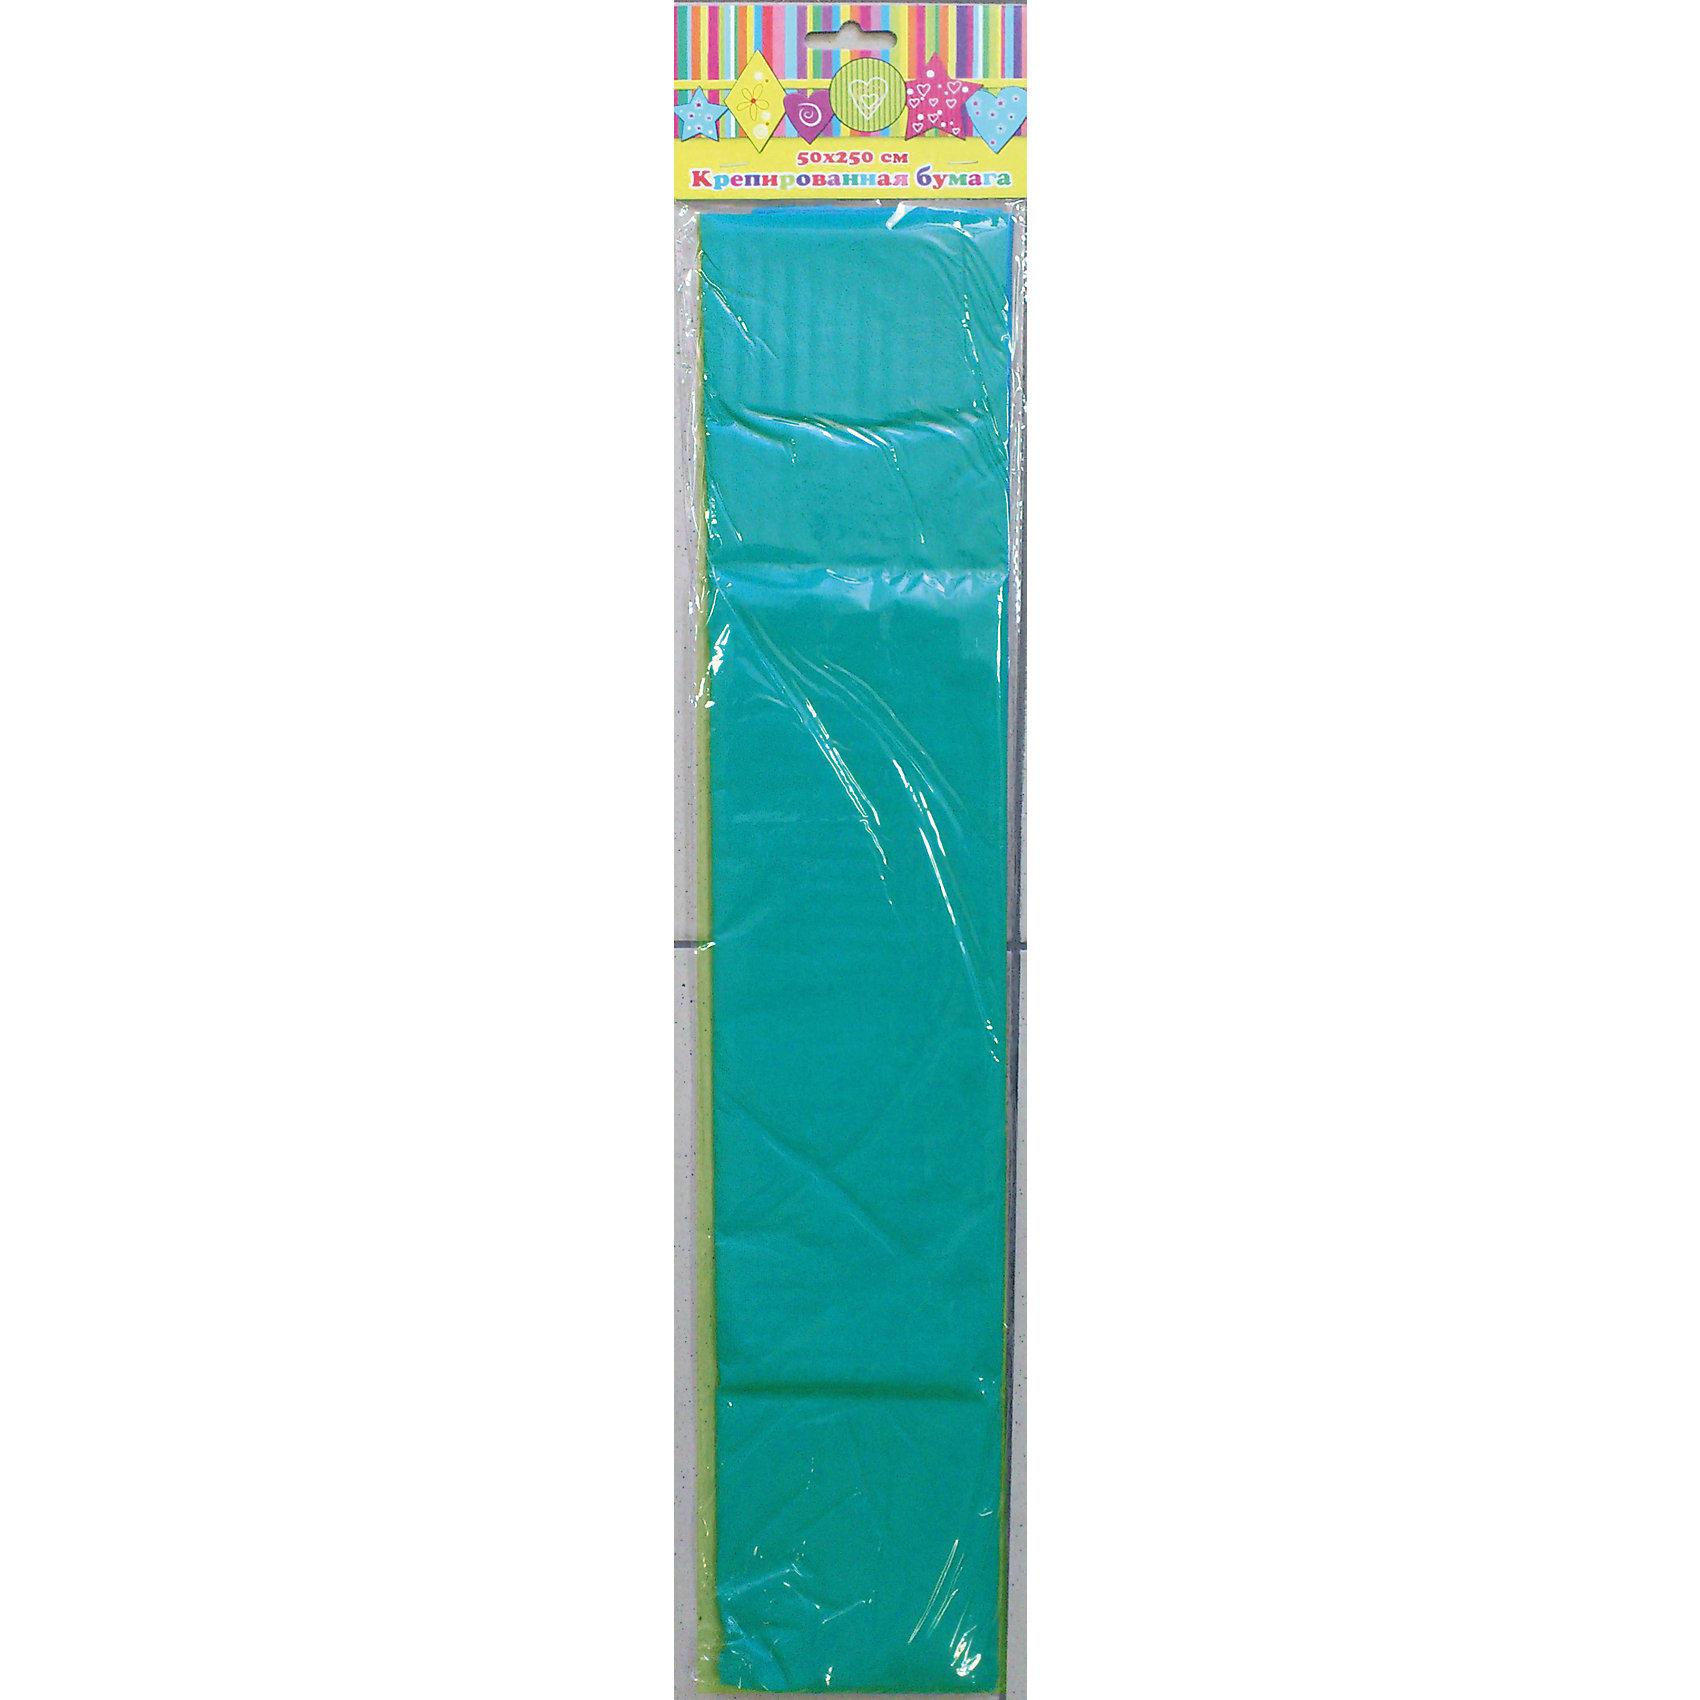 Бумага изумрудная крепированнаяРукоделие<br>Изумительная крепированная бумага изумрудного цвета, из нее Ваш малыш сможет сделать множество ярких цветов или другие поделки.<br><br>Дополнительная информация:<br><br>- Возраст: от 3 лет.<br>- 1 лист.<br>- Цвет: изумрудный.<br>- Материал: бумага.<br>- Размеры: 50х250 см.<br>- Размер упаковки: 51х11х0,6 см.<br>- Вес в упаковке: 30 г. <br><br>Купить крепированную эластичную бумагу в  изумрудном цвете, можно в нашем магазине.<br><br>Ширина мм: 510<br>Глубина мм: 110<br>Высота мм: 6<br>Вес г: 30<br>Возраст от месяцев: 36<br>Возраст до месяцев: 2147483647<br>Пол: Унисекс<br>Возраст: Детский<br>SKU: 4943496